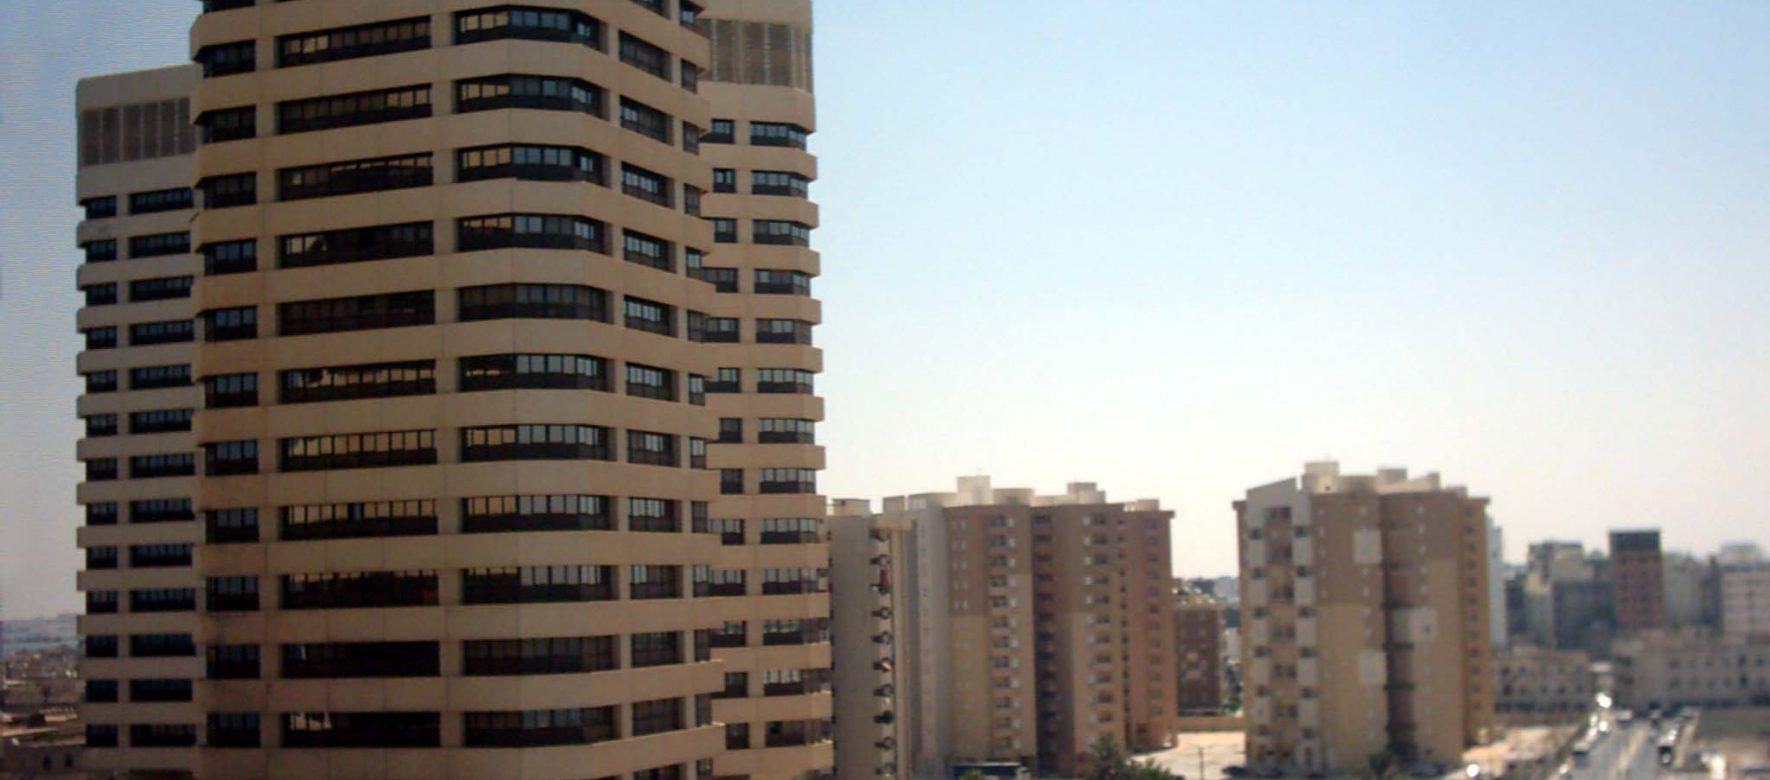 Libye : La Banque centrale (BCL) a publié ses données budgétaires de janvier 2020. Quelle est la situation ?